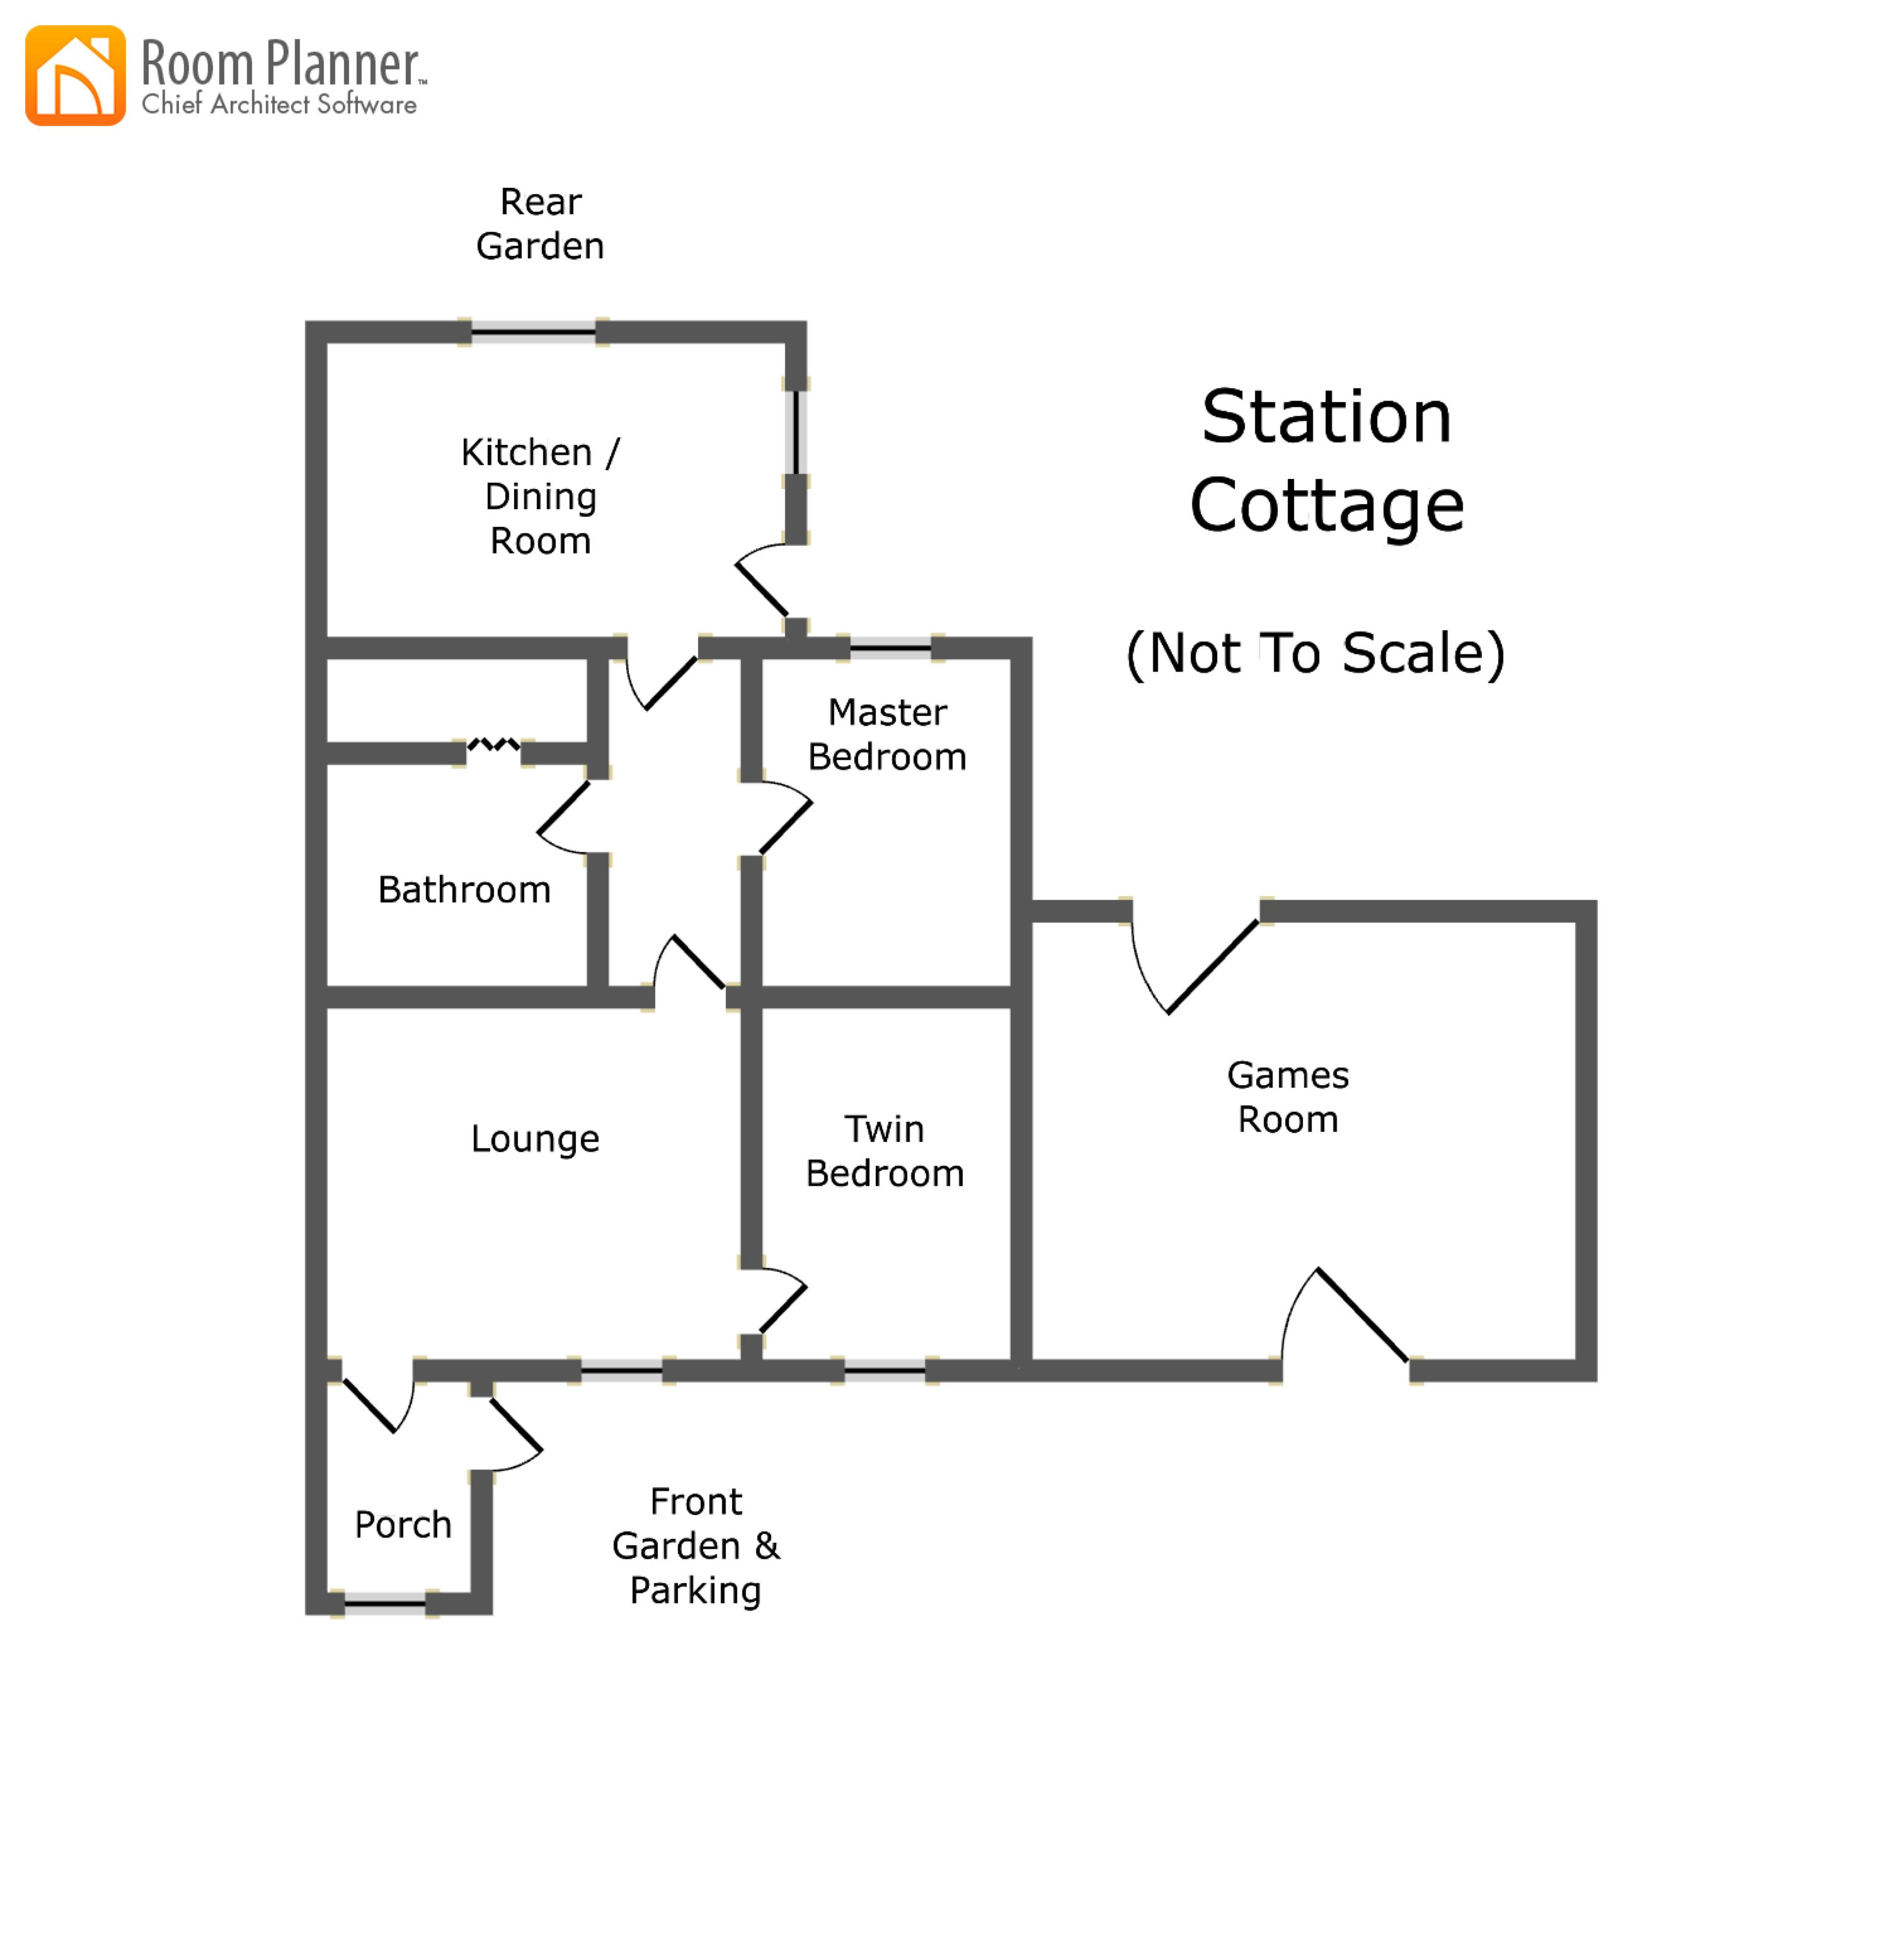 Station Cottage plan